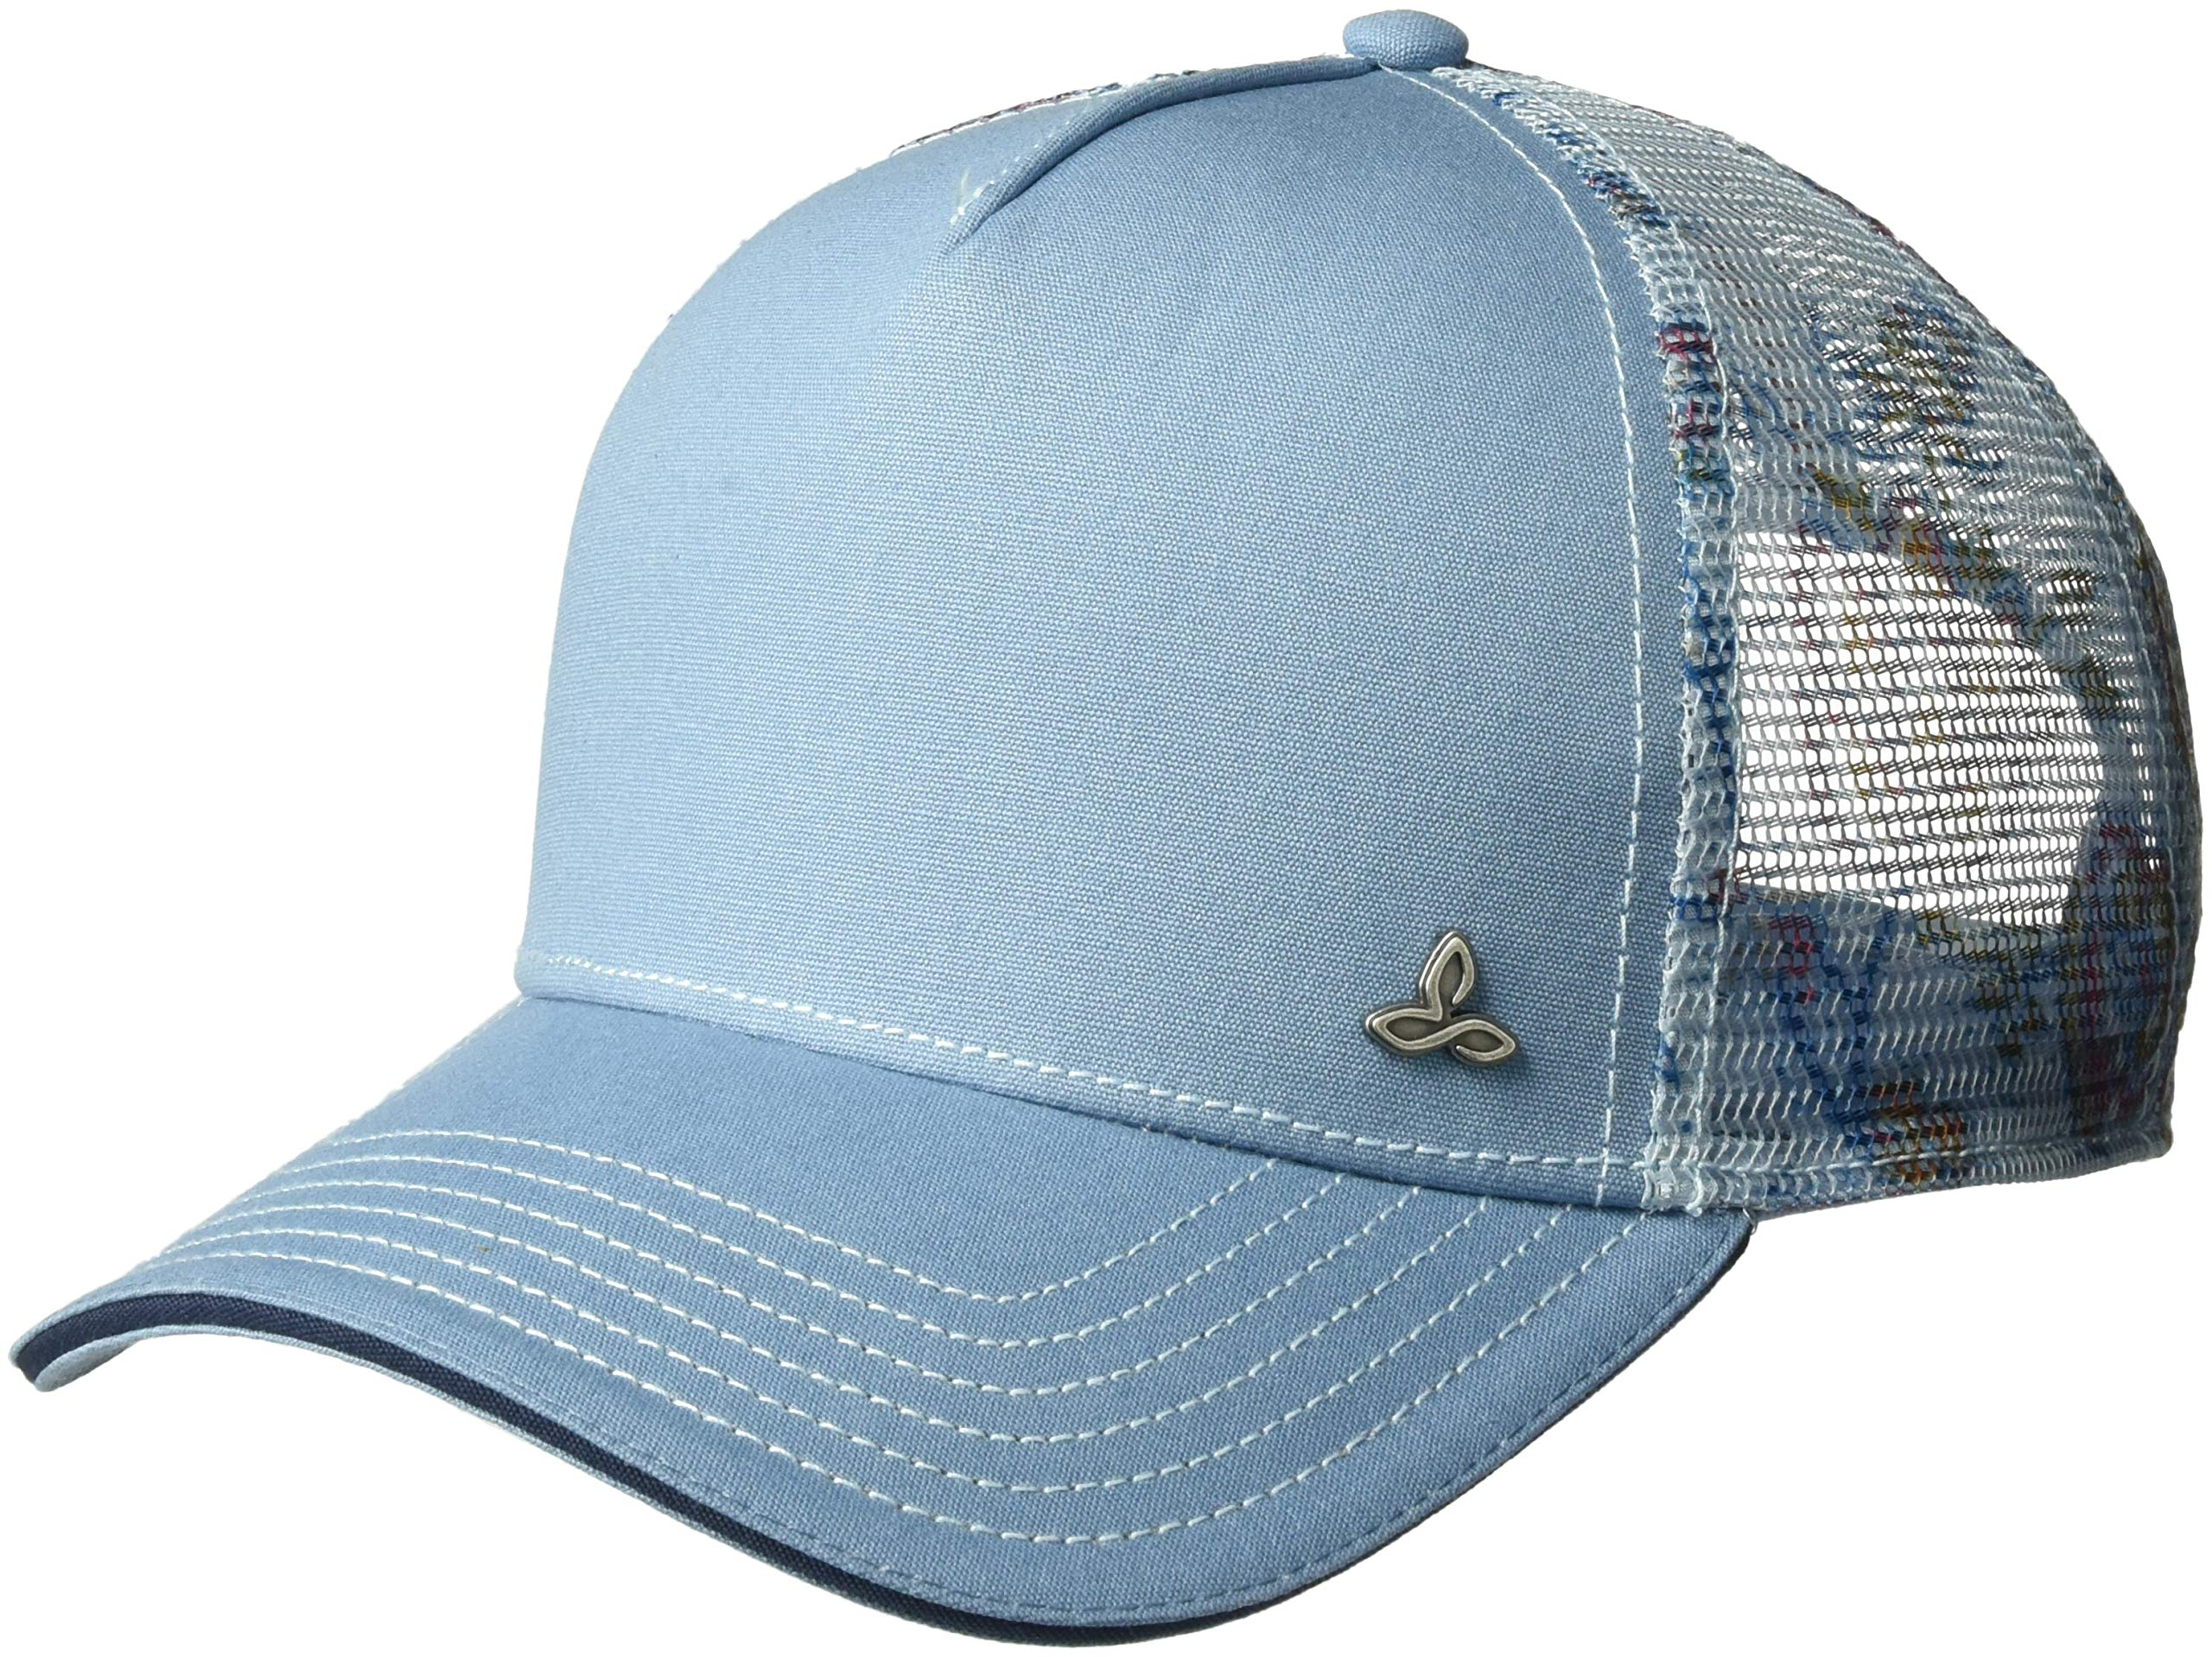 prAna Women's Idalis Trucker Cold Weather Hats, One Size, Blue Sierra